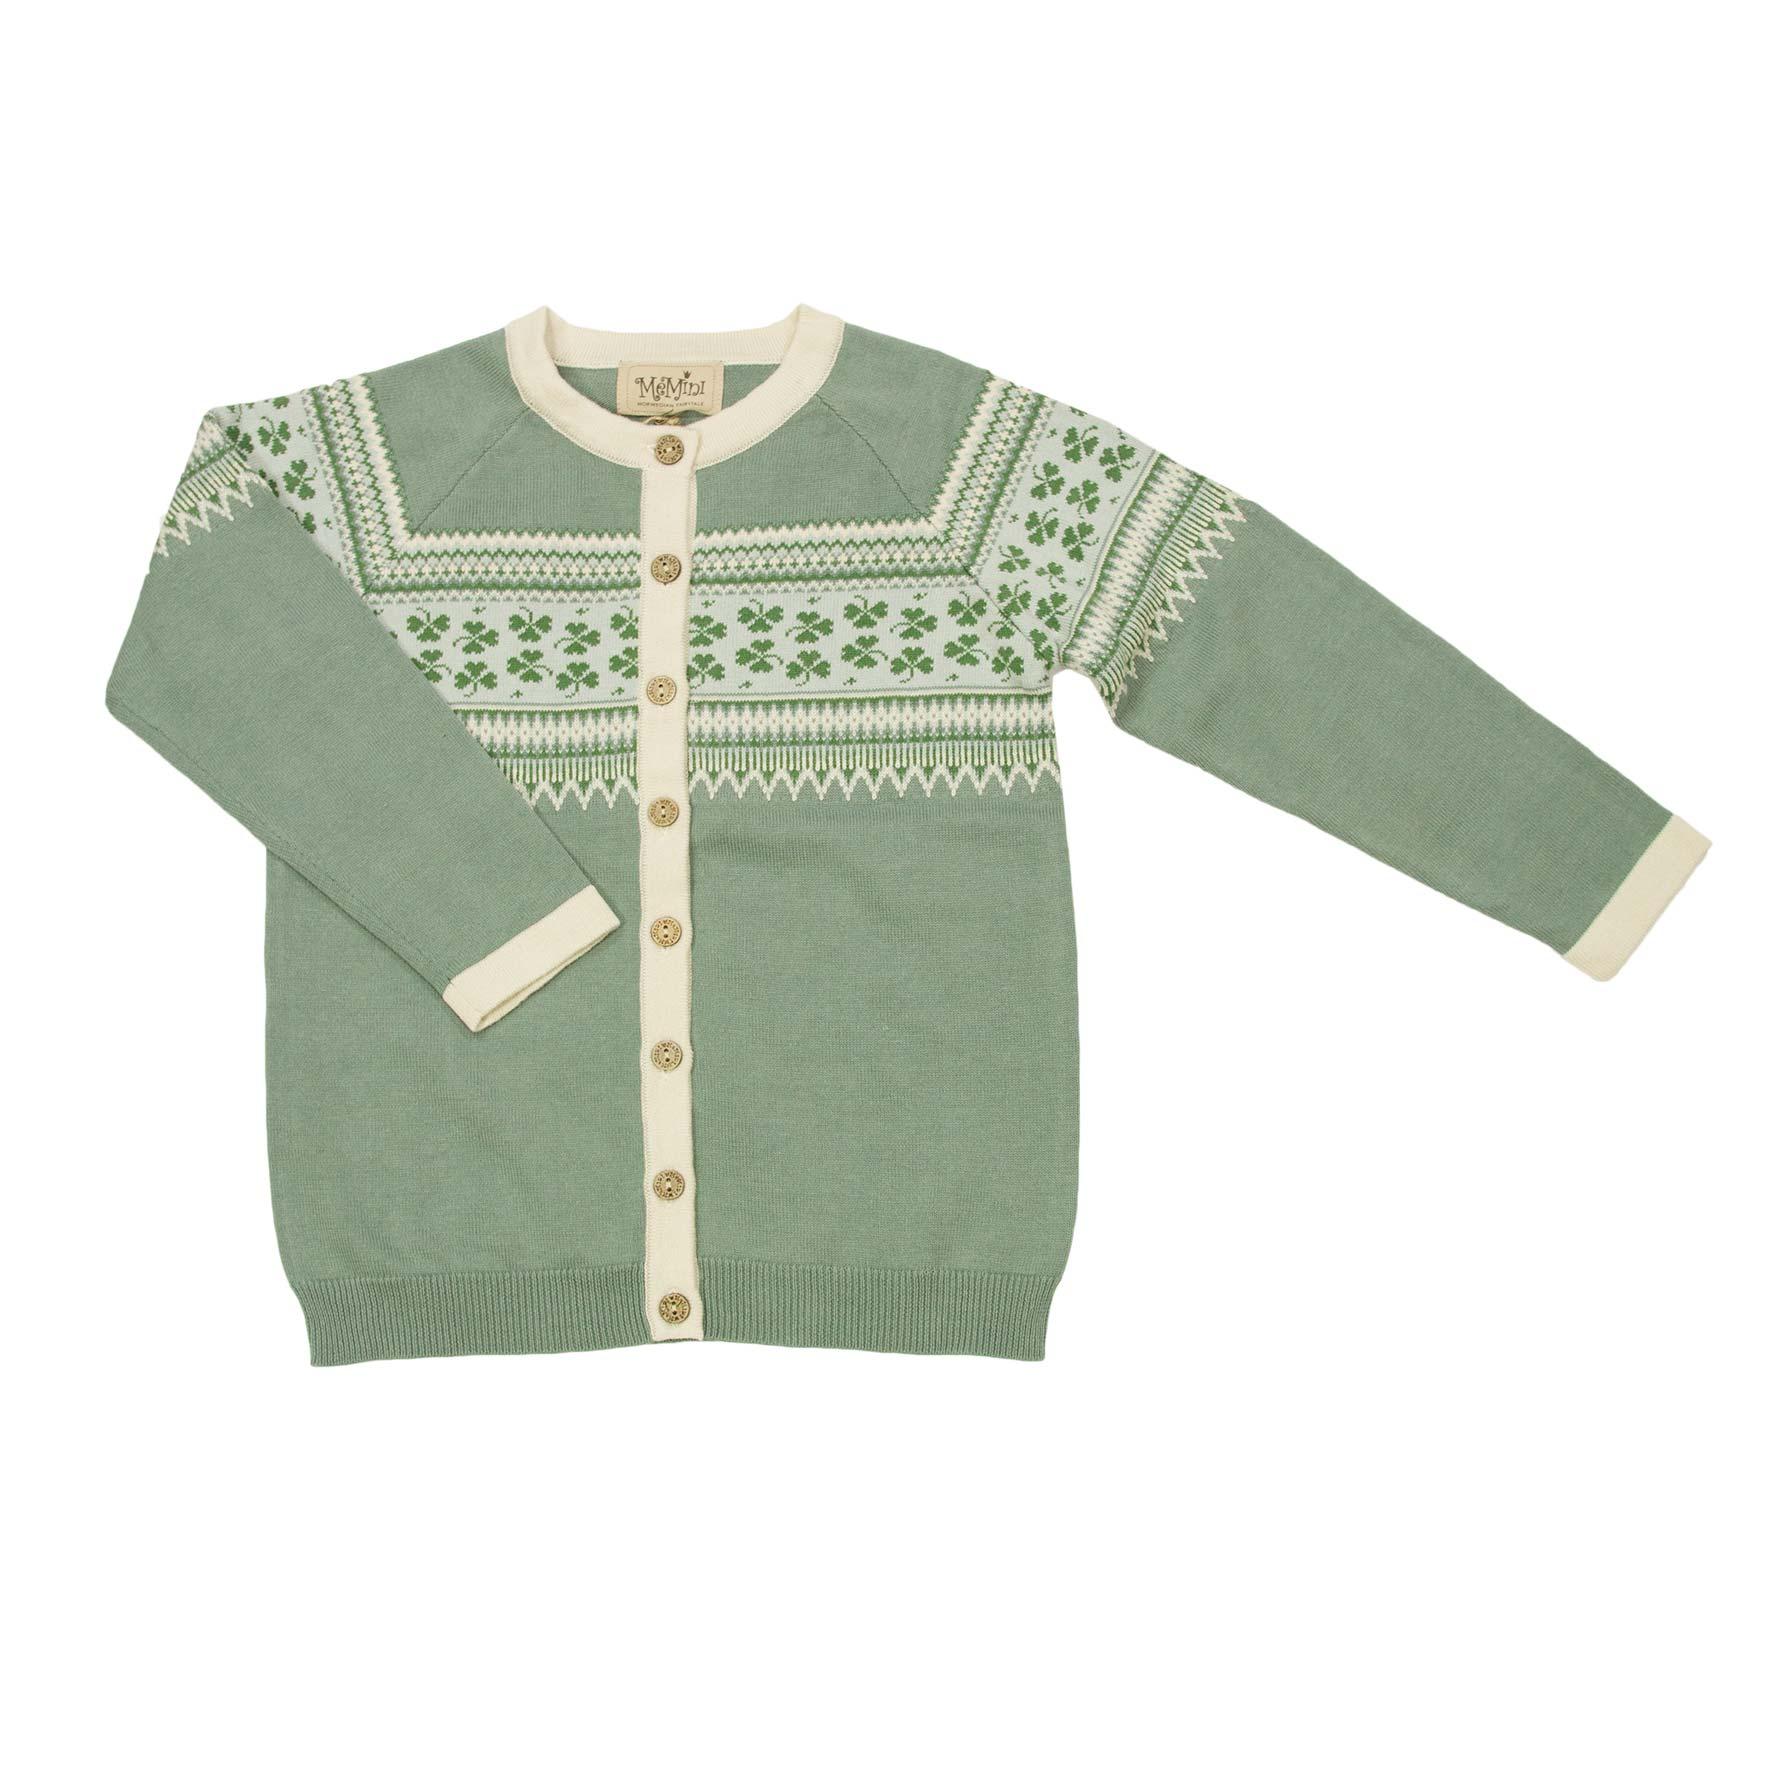 da2485f8 Memini grønn jakke. Grønn strikkejakke fra Me Mini. Memini barneklær.